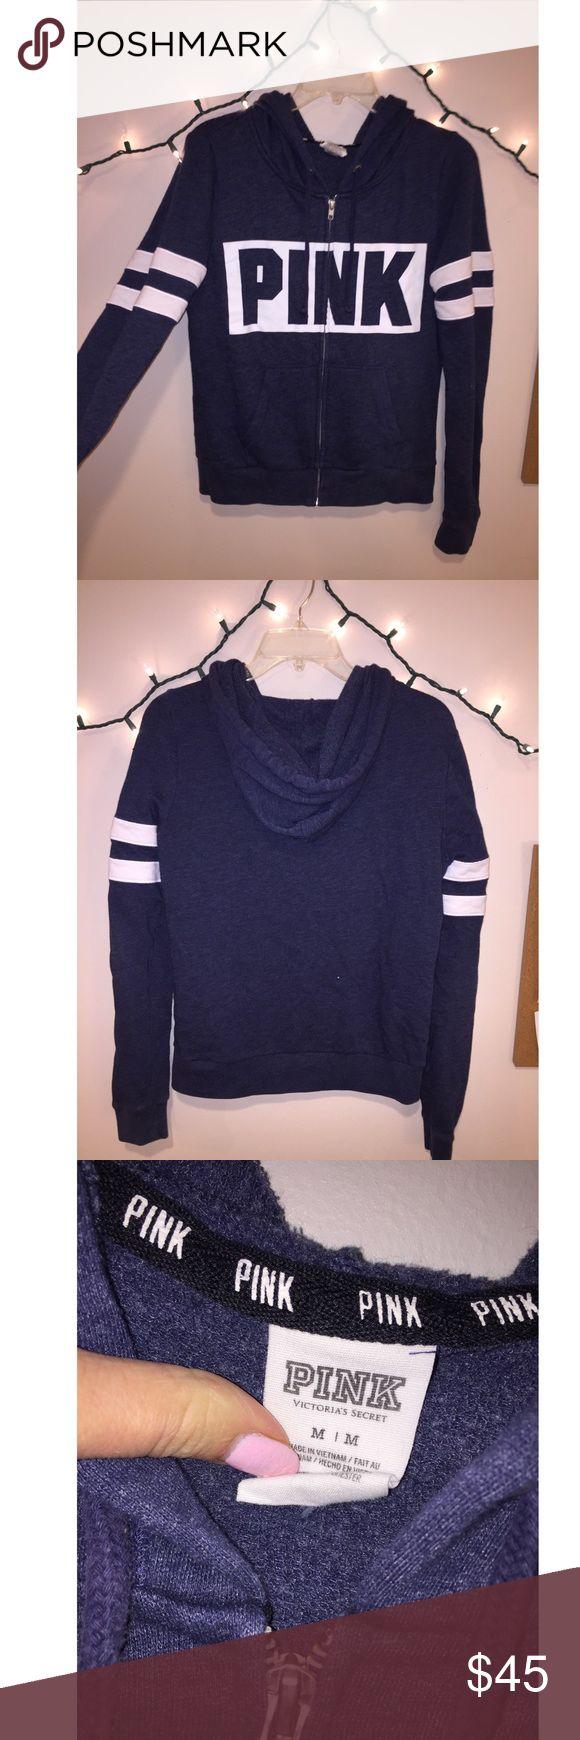 VS PINK RARE Varsity Zip Up Hoodie Not sold in stores!! Super rare varsity striped zip up! PINK Victoria's Secret Tops Sweatshirts & Hoodies